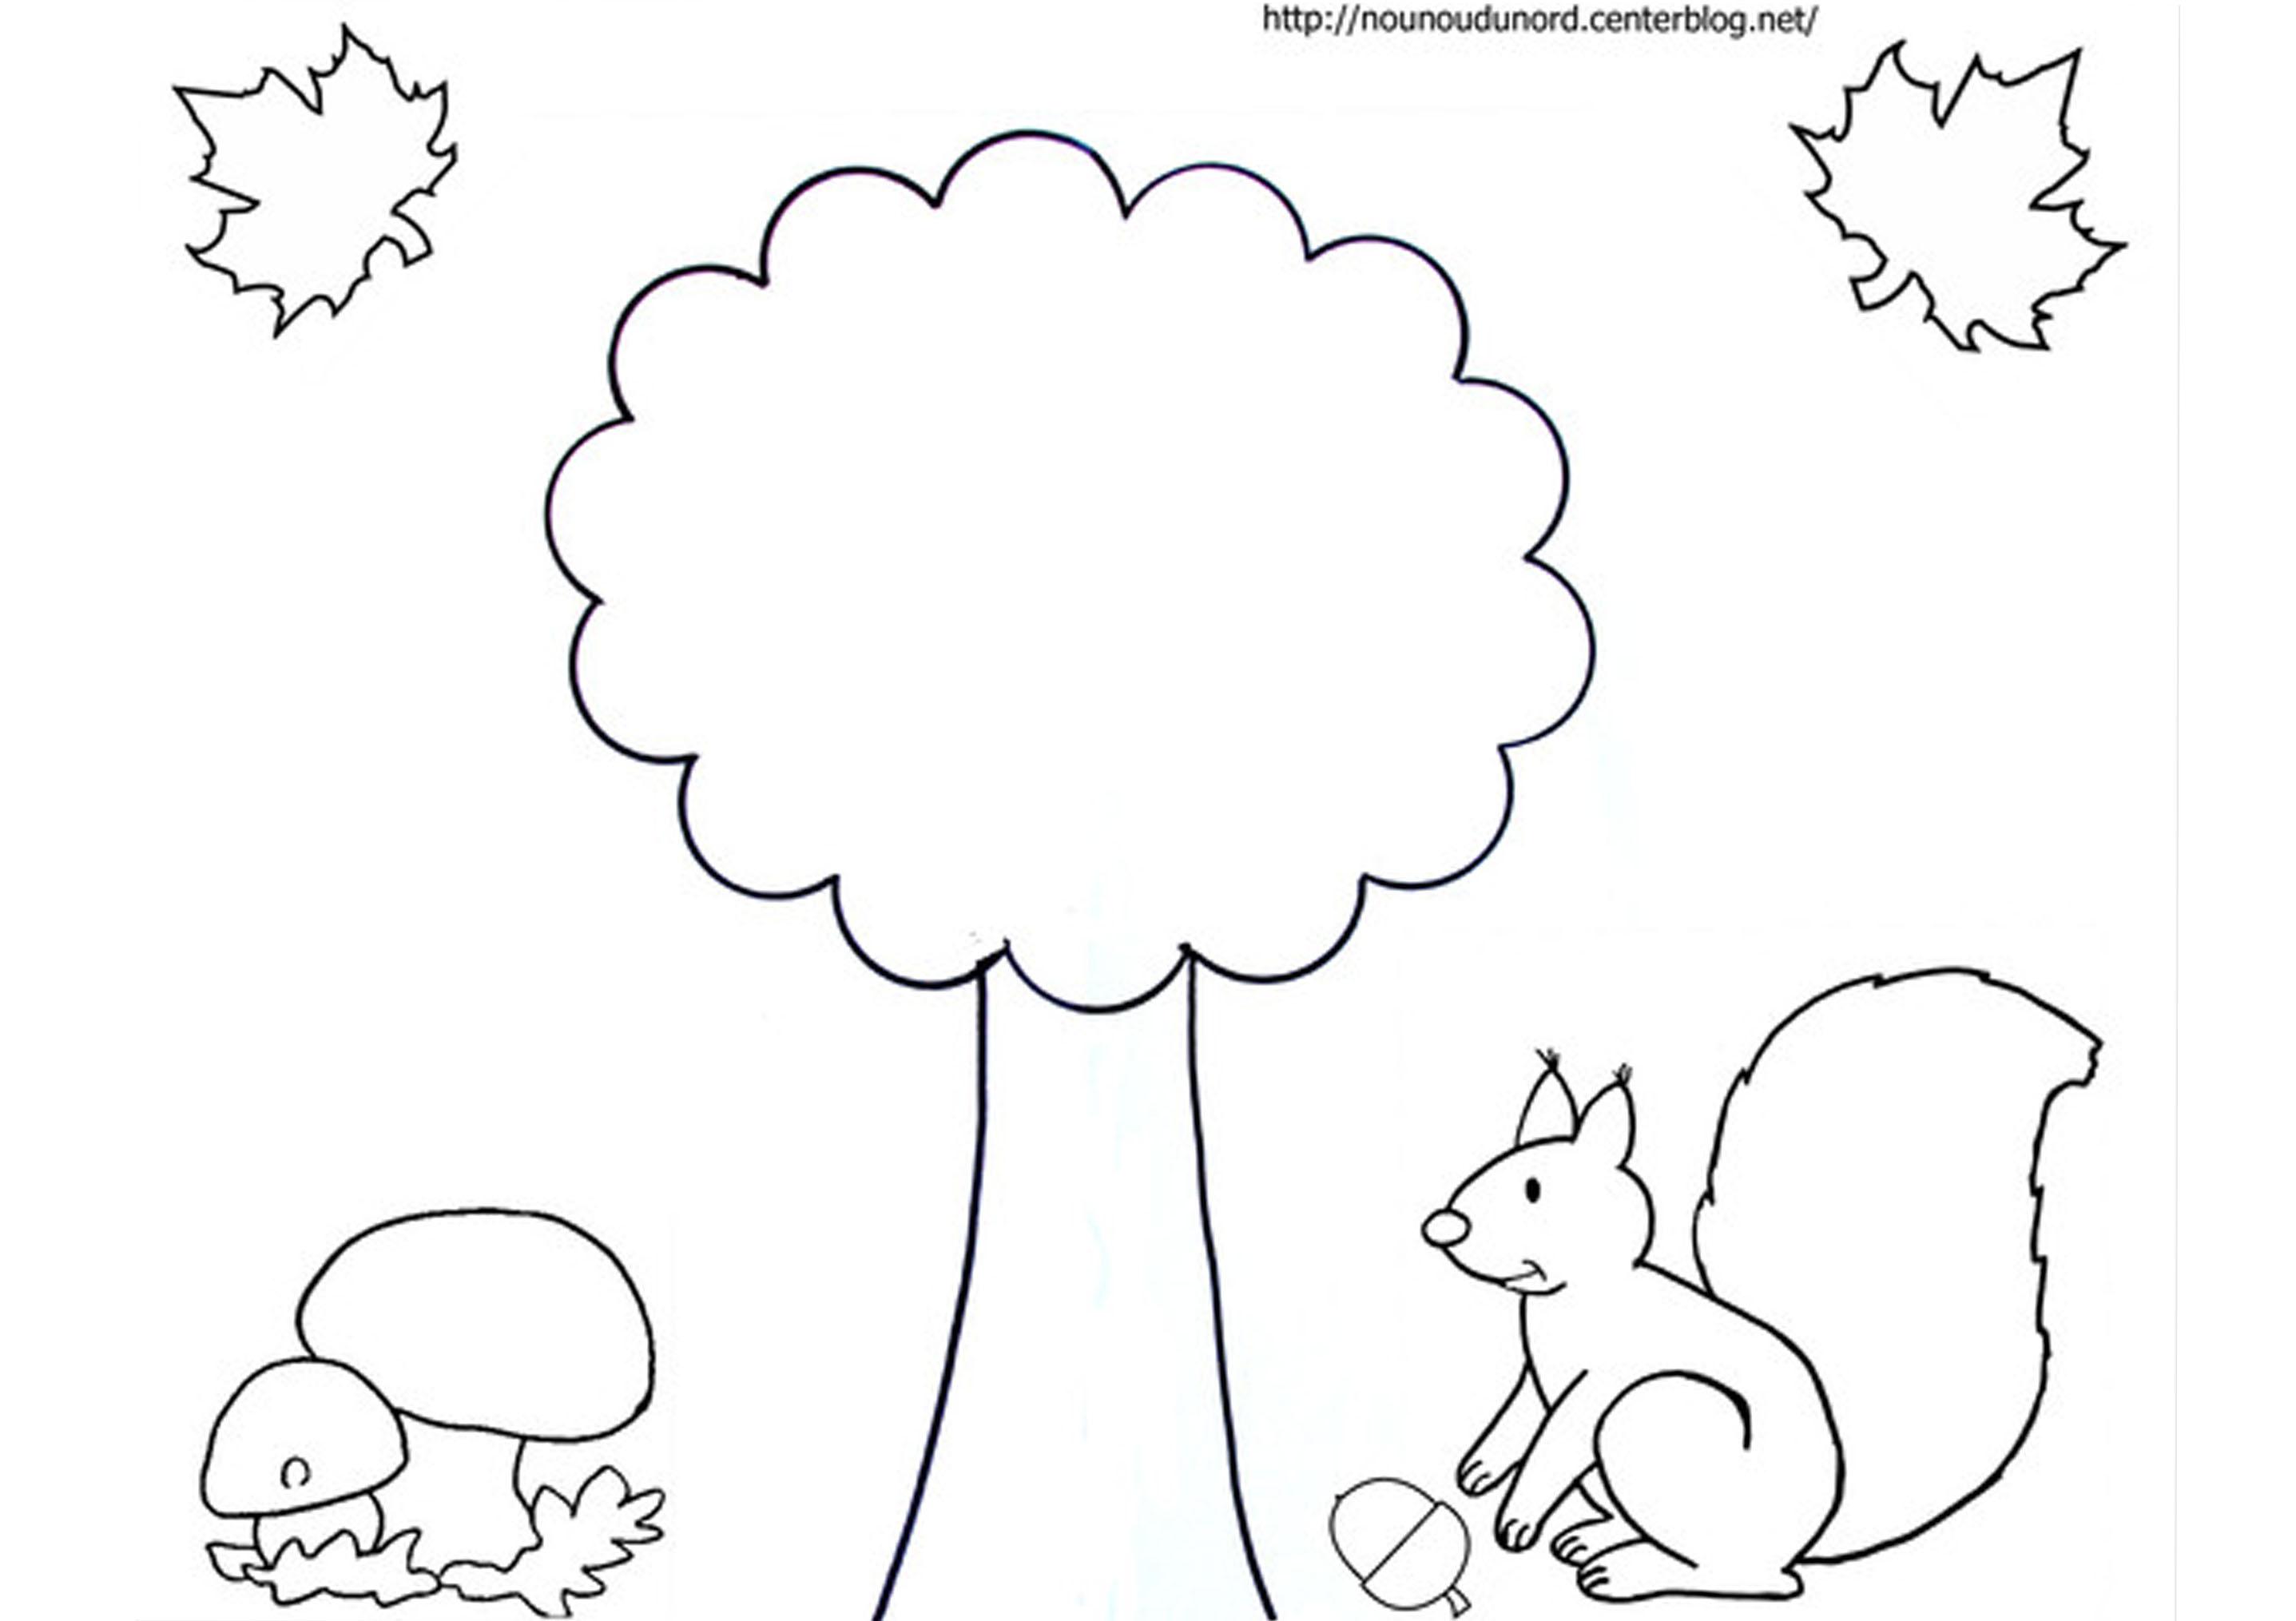 59 Dibujos De Otoño Para Colorear | Oh Kids | Page 6 avec Coloriage Ecureuil A Imprimer Gratuit